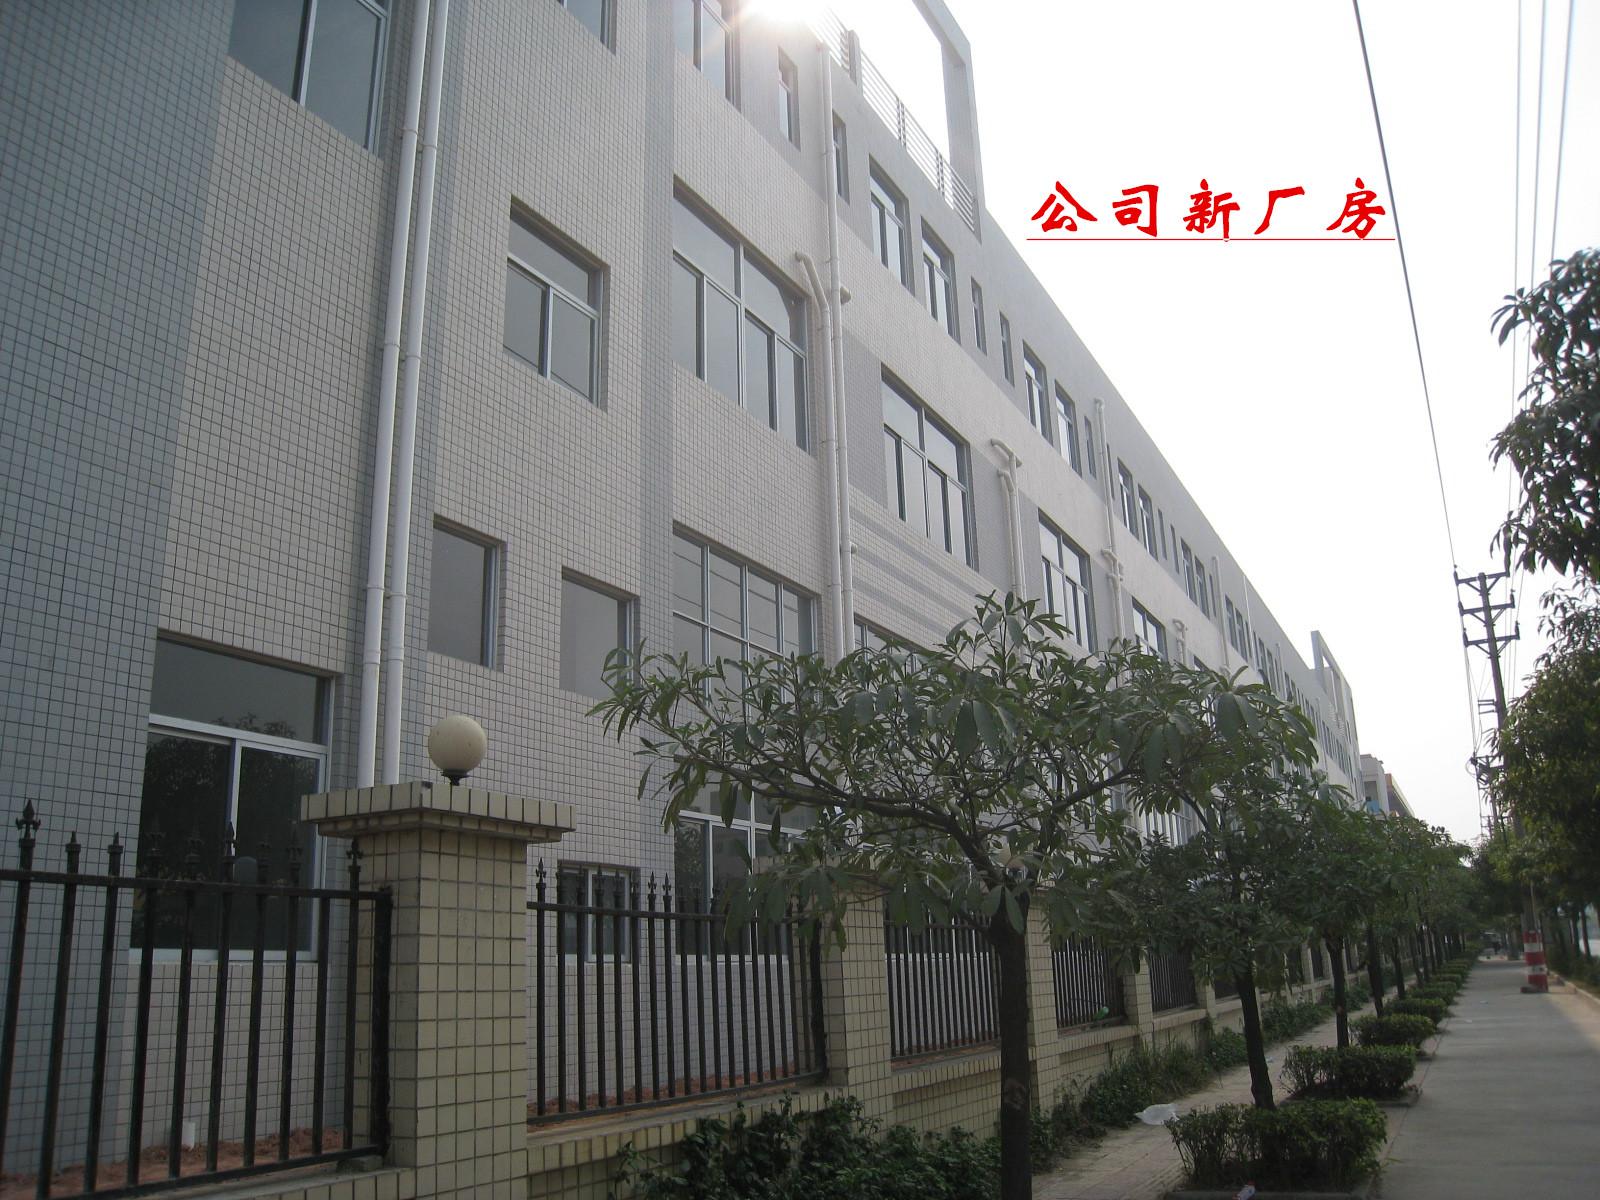 熱烈祝賀我公司新廠房建成啟用